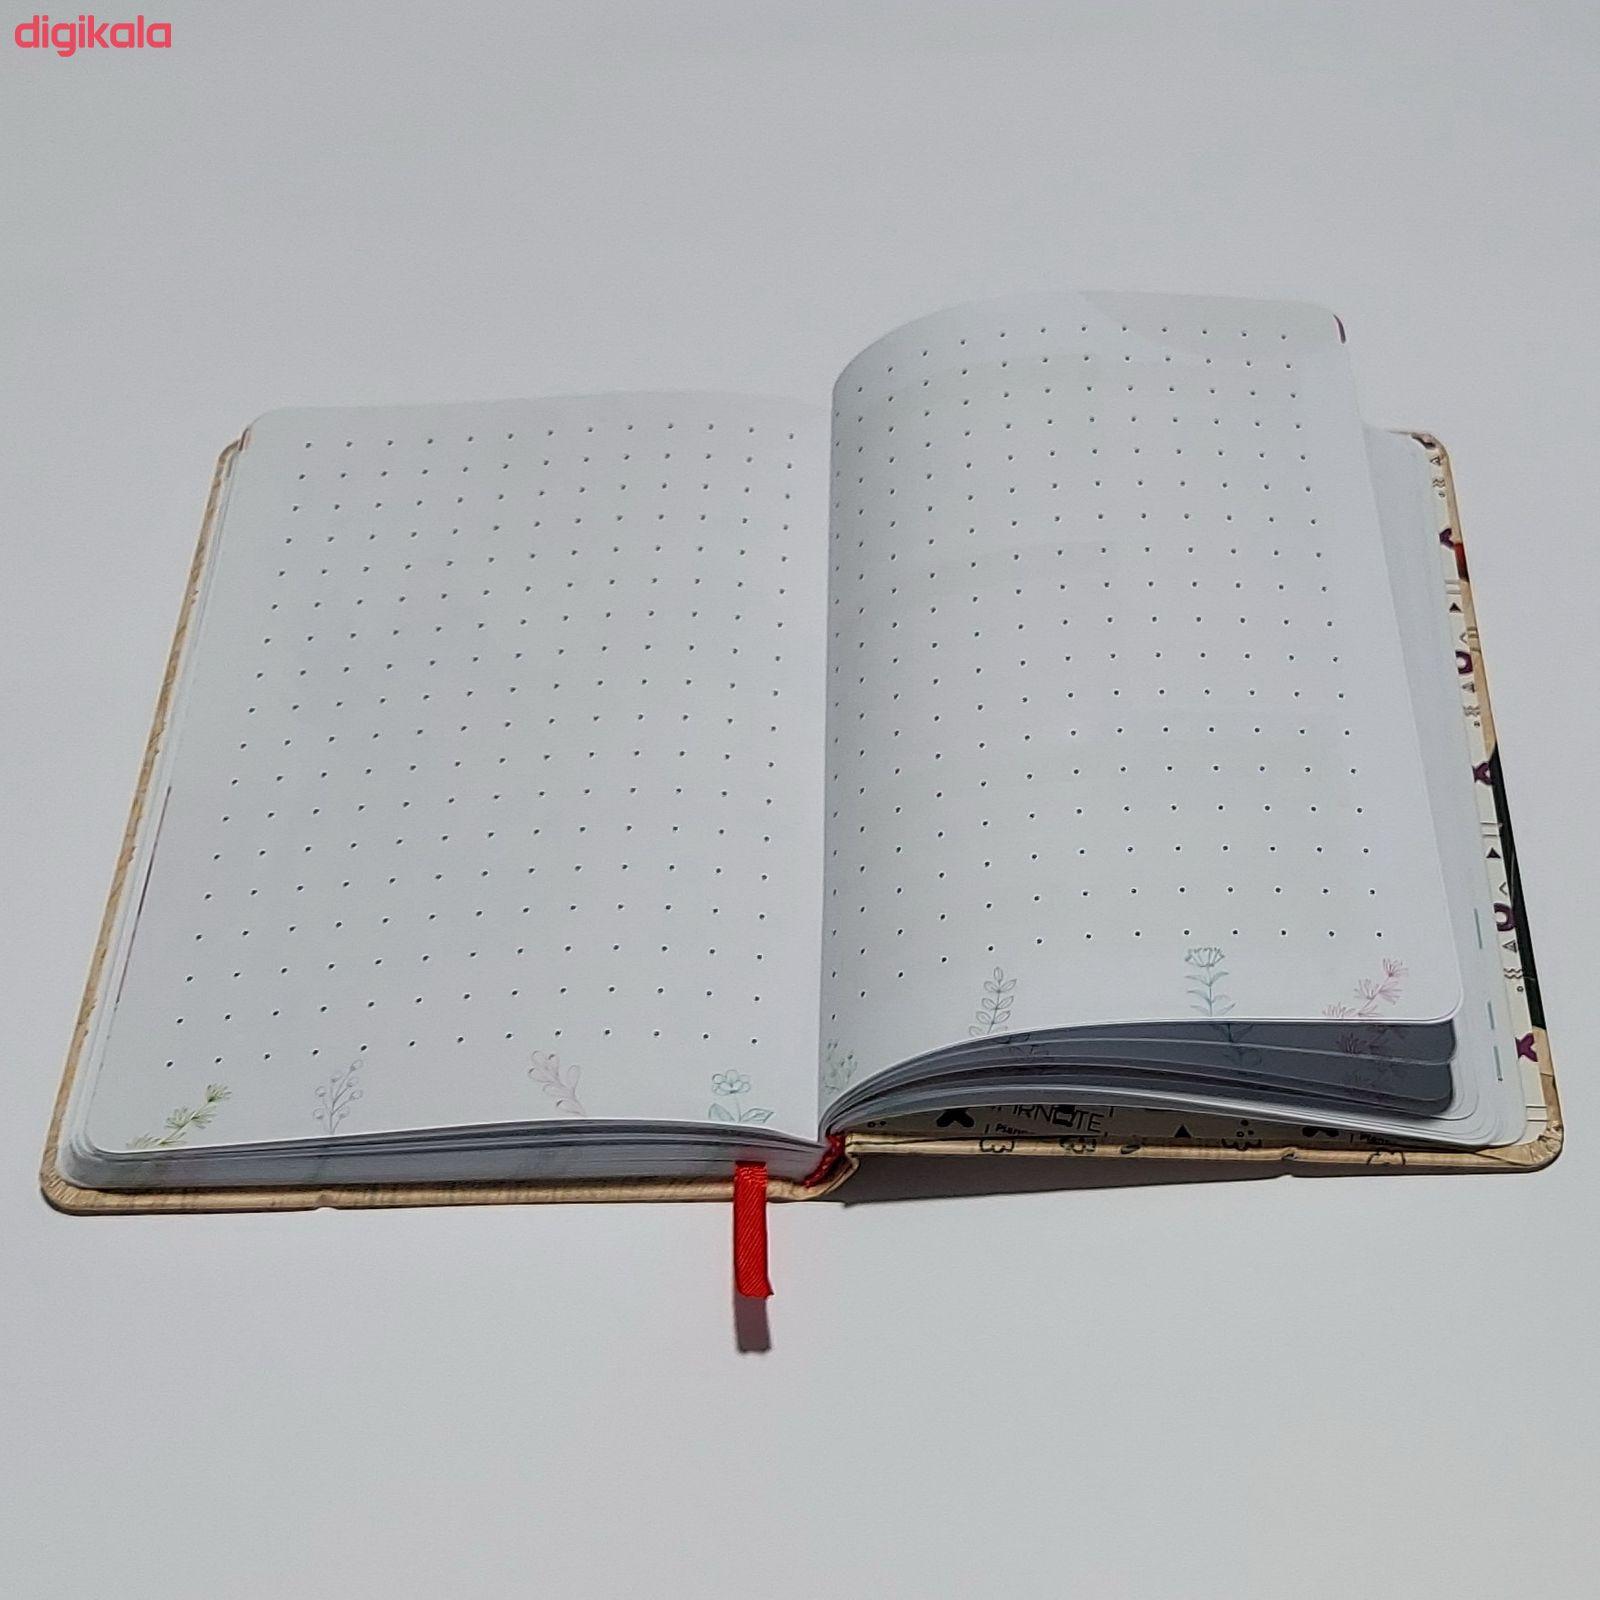 دفتر برنامه ریزی مسترنوت مدلklnqsh- nbp.032 main 1 10